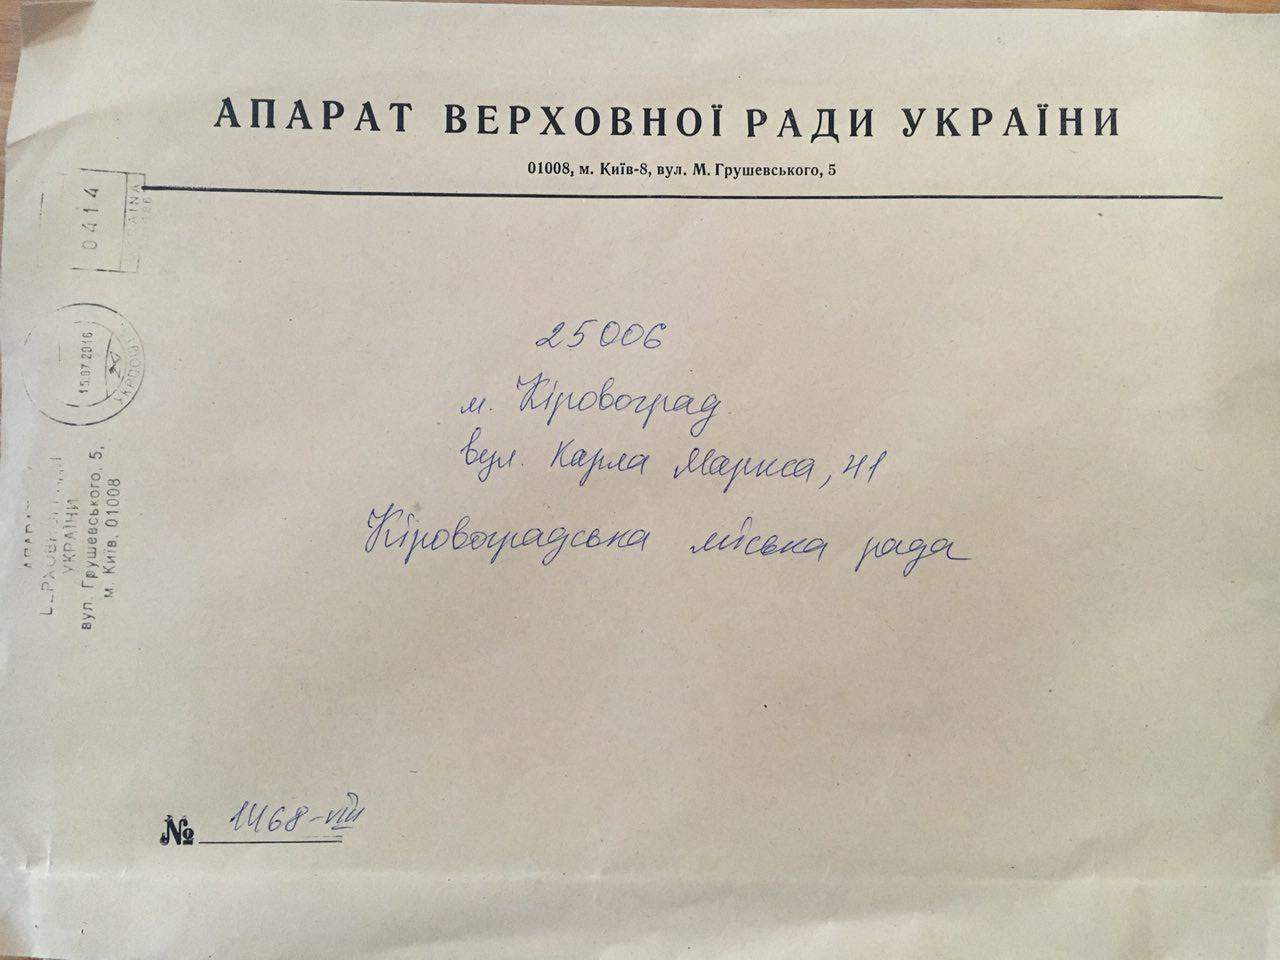 Аппарат Верховной Рады направил  письмо в Кировоград по недекоммунизированному адресу